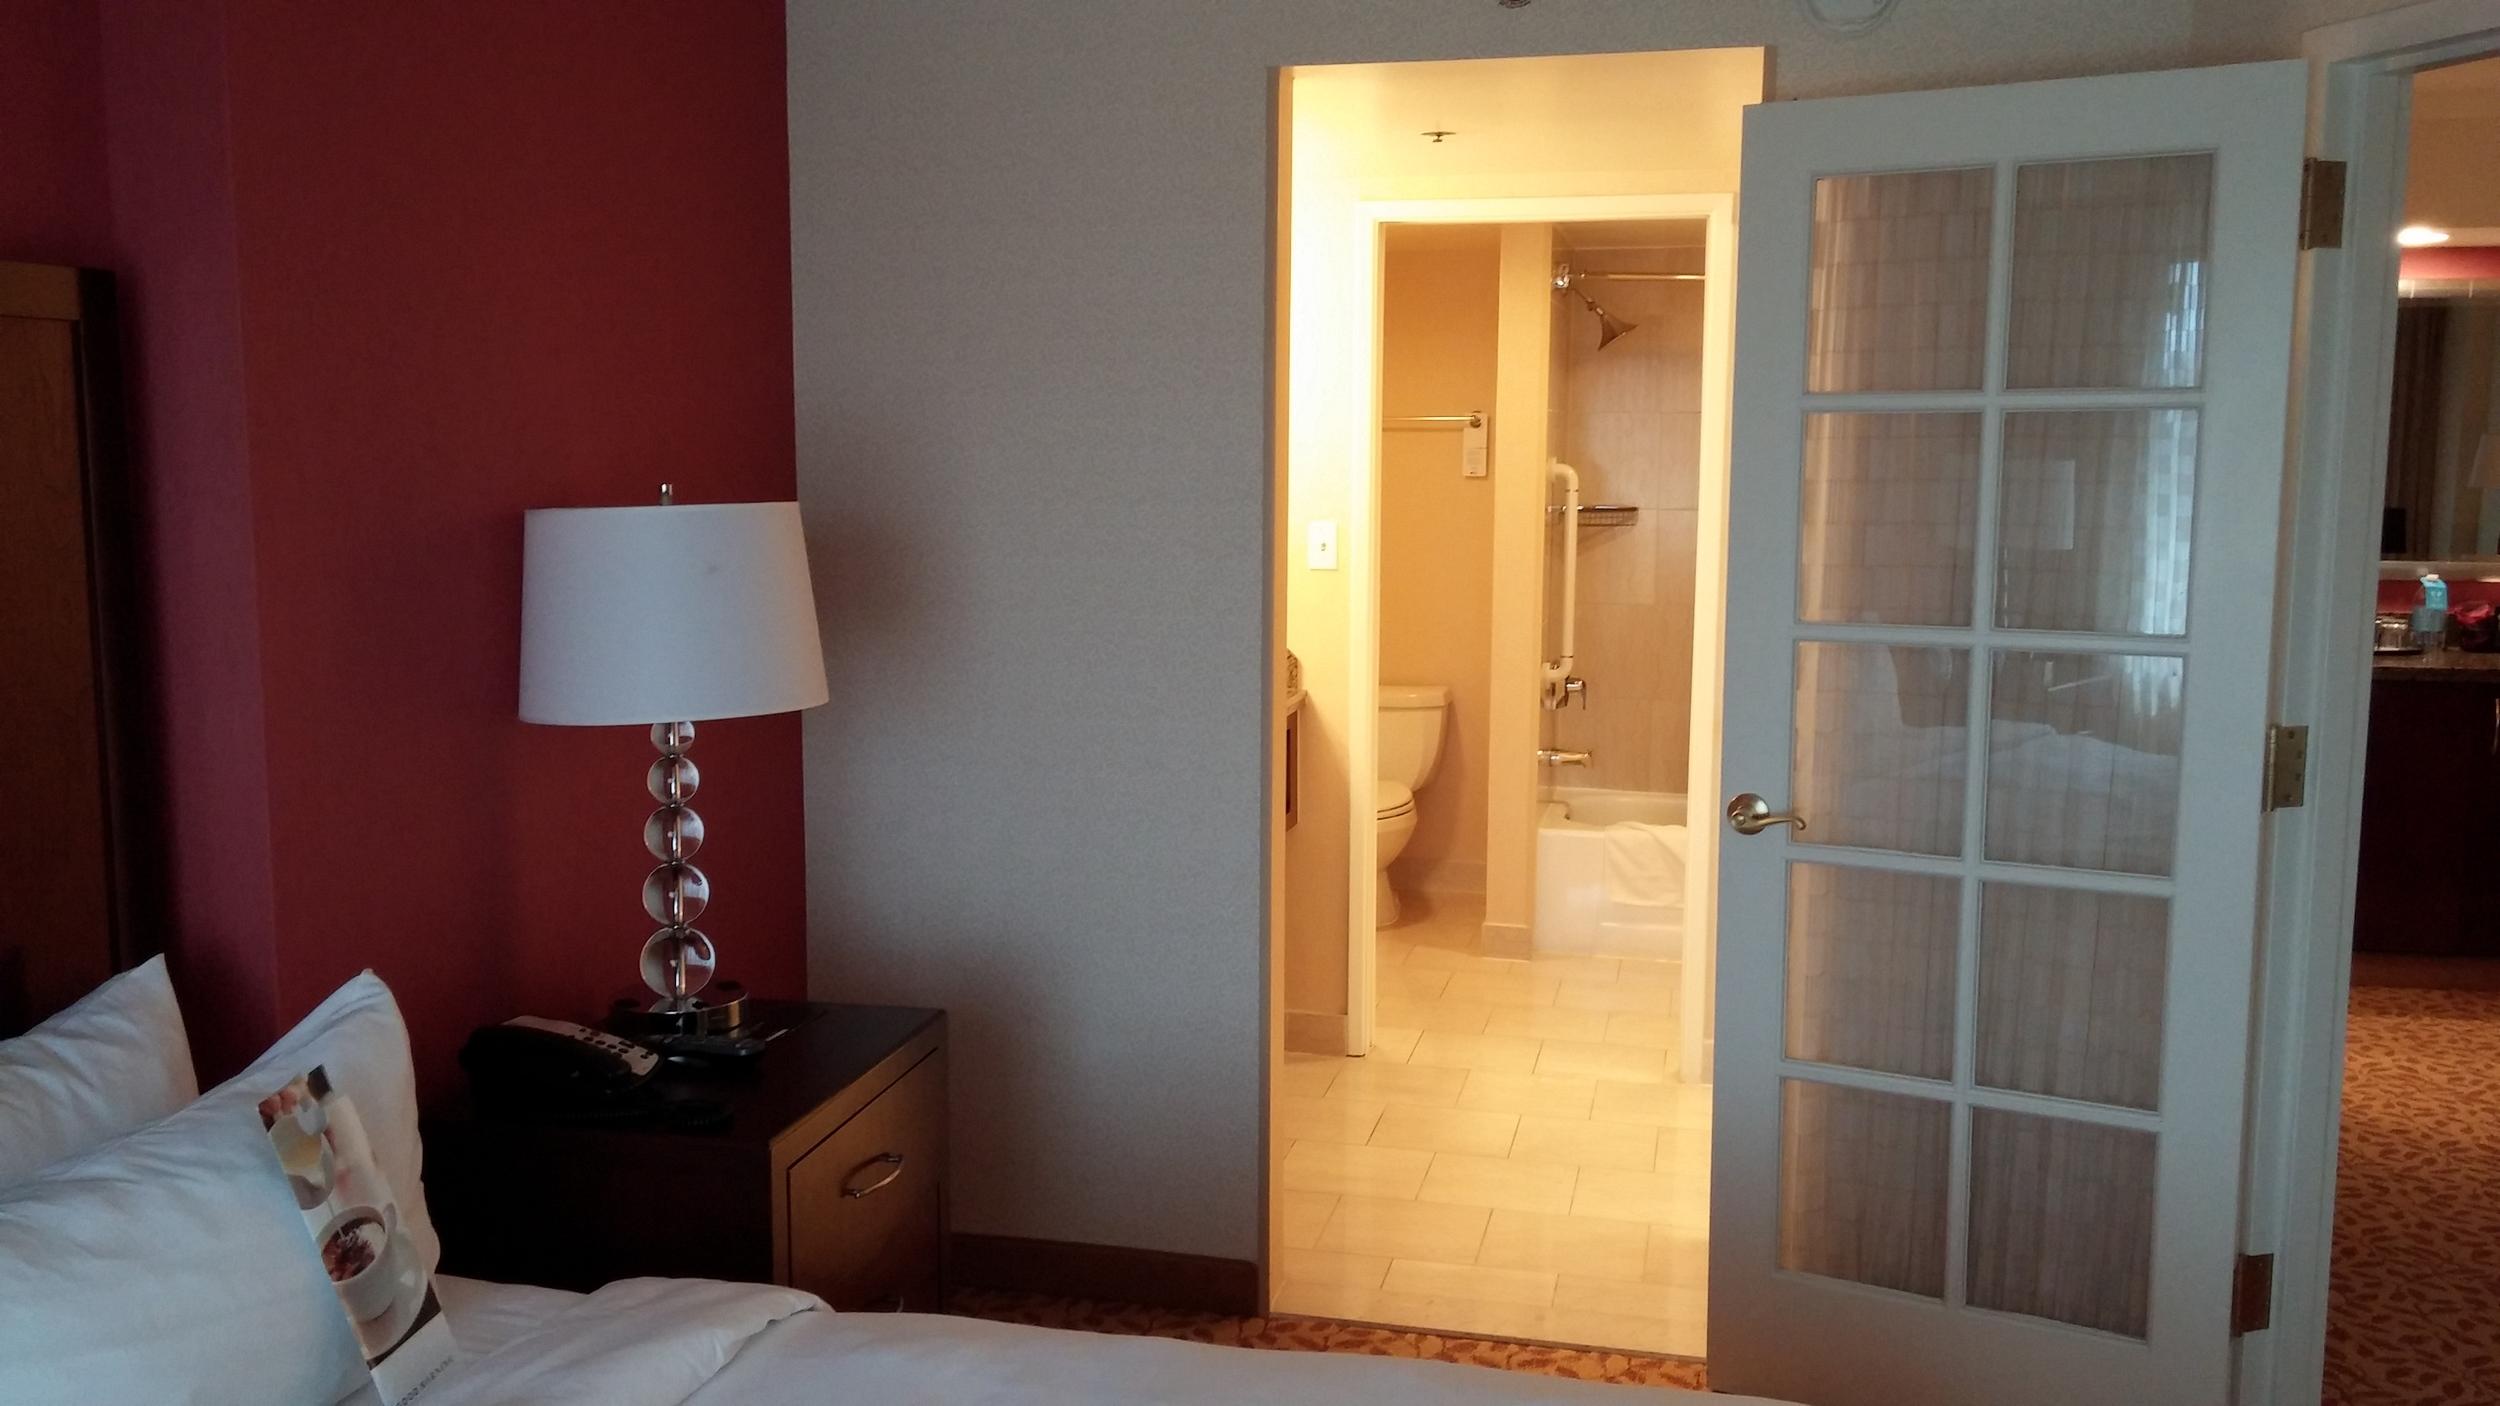 2016-03-10 Bethesda Marriott Suites  8.jpg